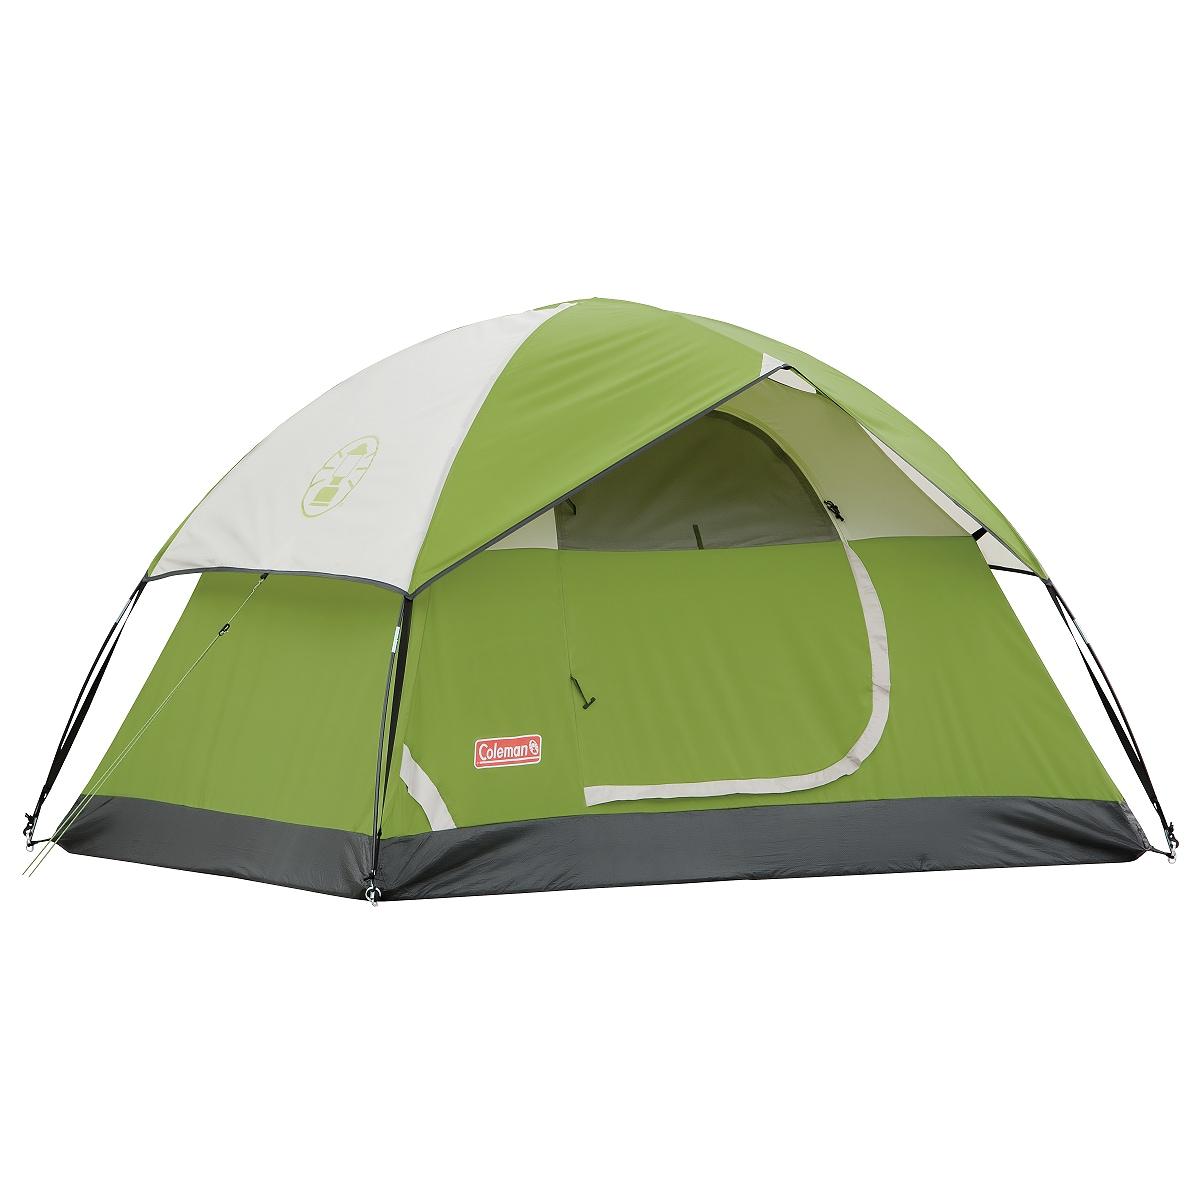 Coleman Sundome Green Single-door Two-person Tent (48' x 5' x 7')